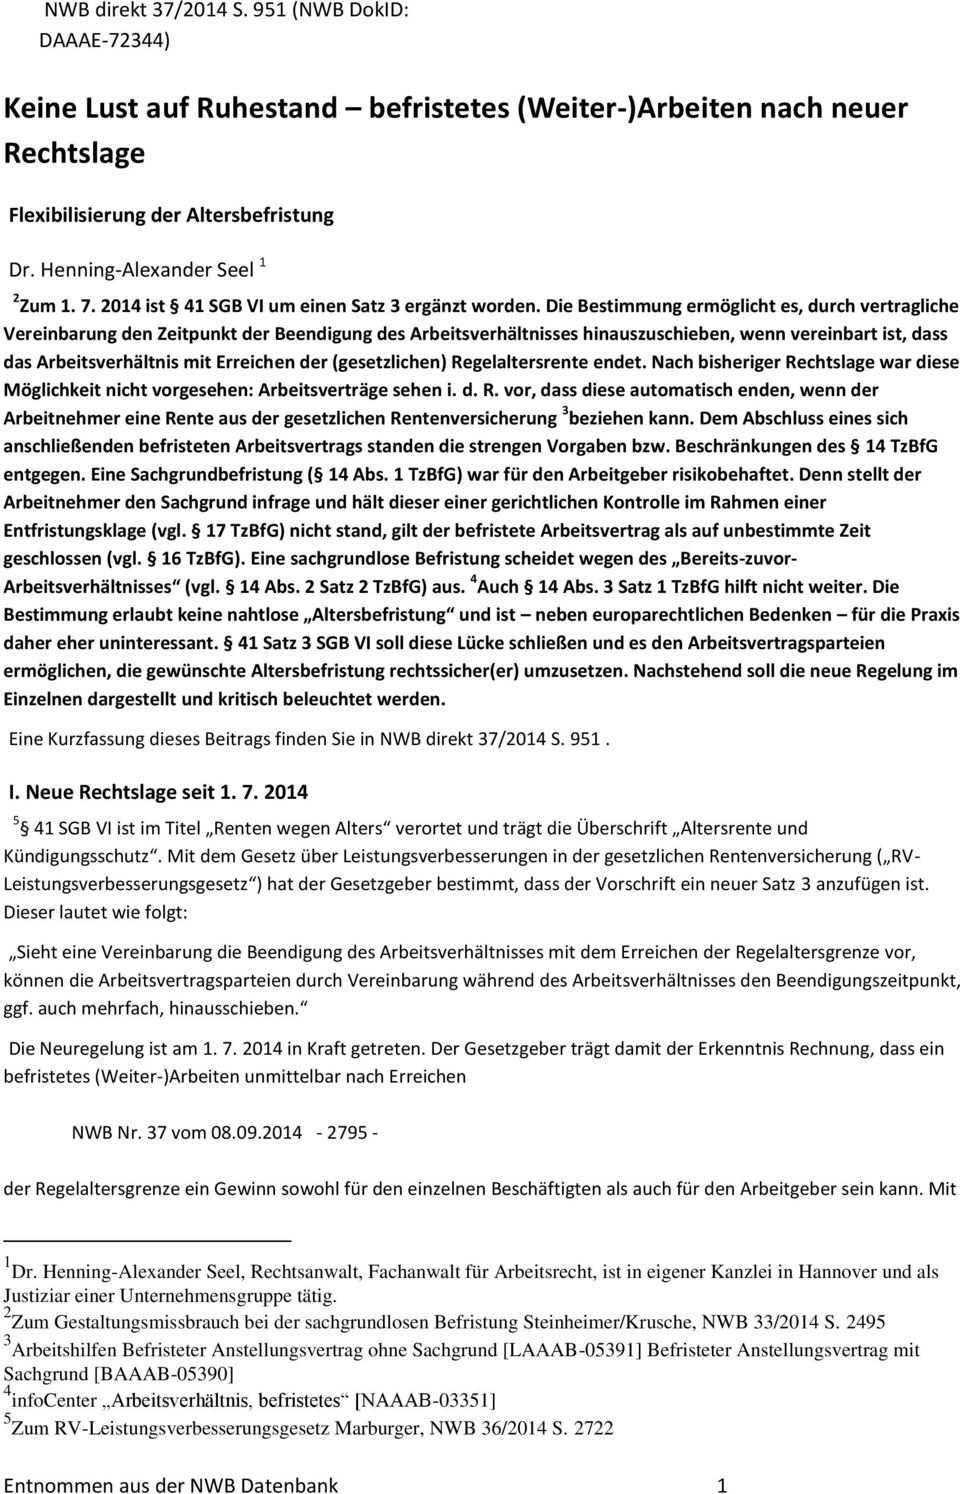 Keine Lust Auf Ruhestand Befristetes Weiter Arbeiten Nach Neuer Rechtslage Pdf Free Download